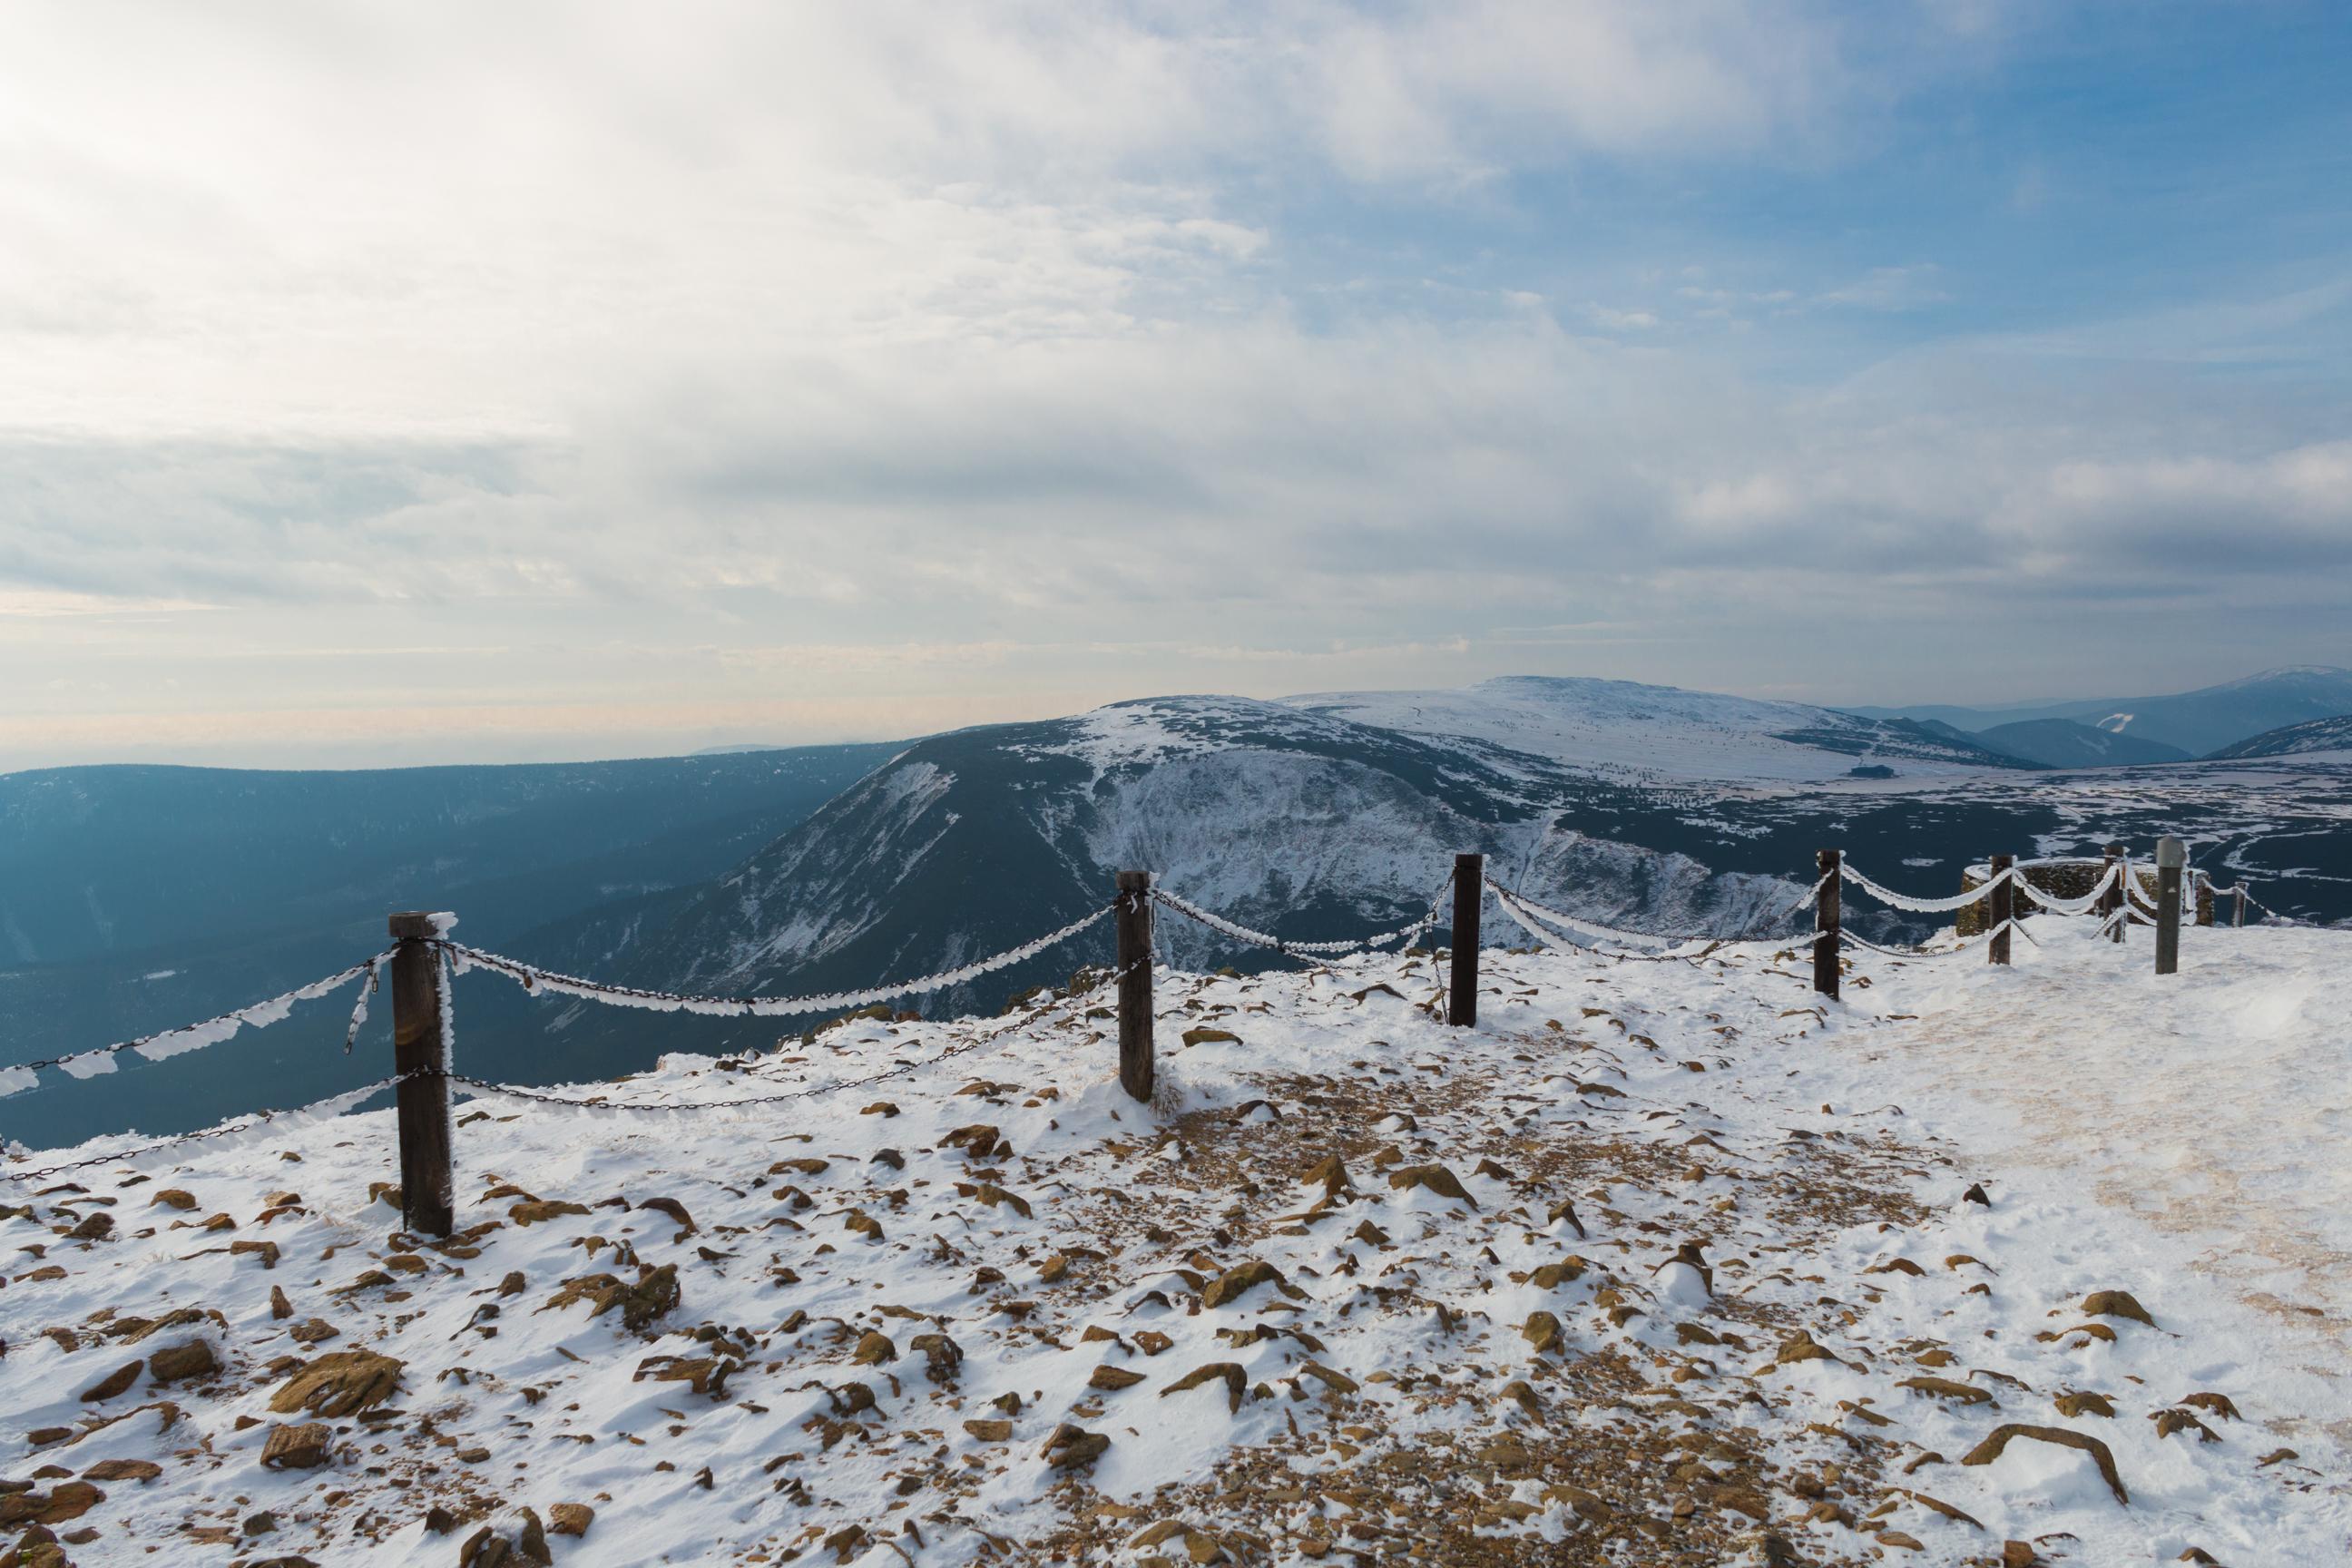 Widok na czeską stronę ze Śnieżki